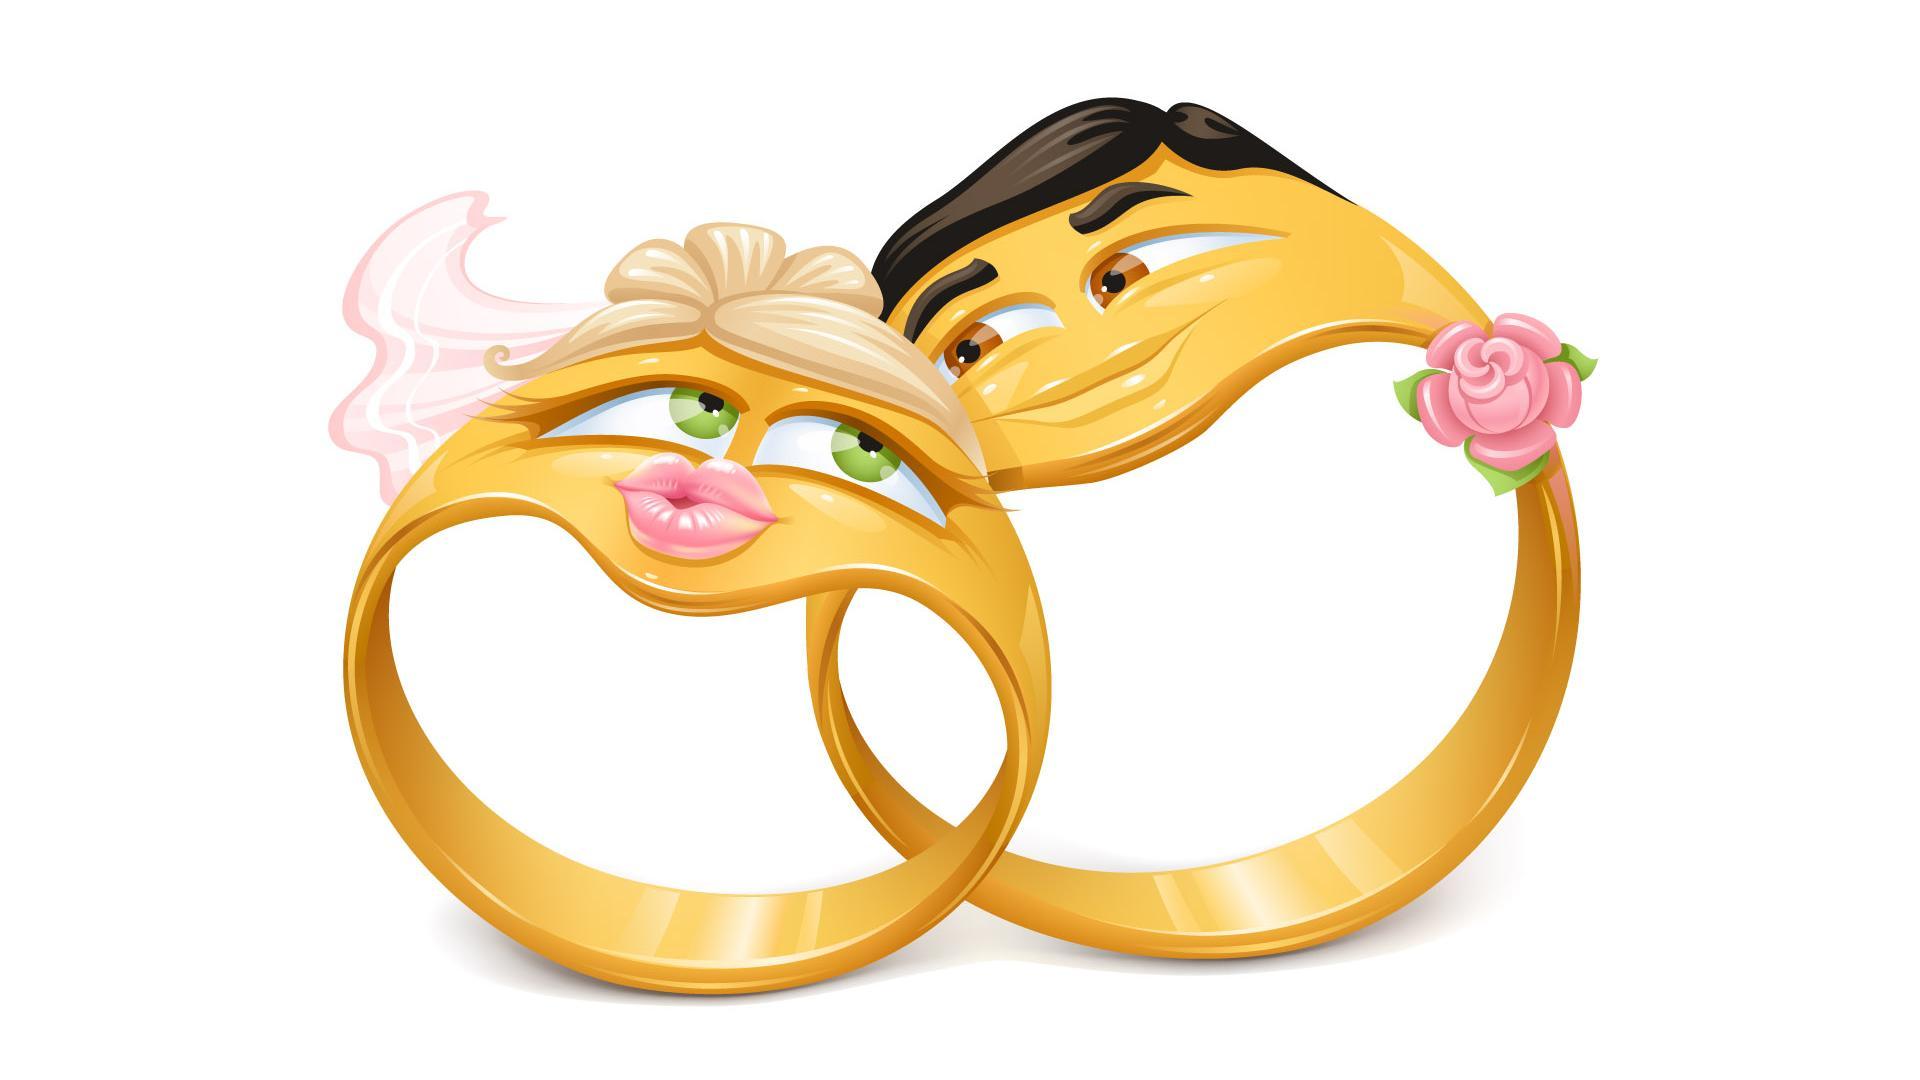 Скоро Свадьба - Агентства, координатор: описание, фото, отзывы 97